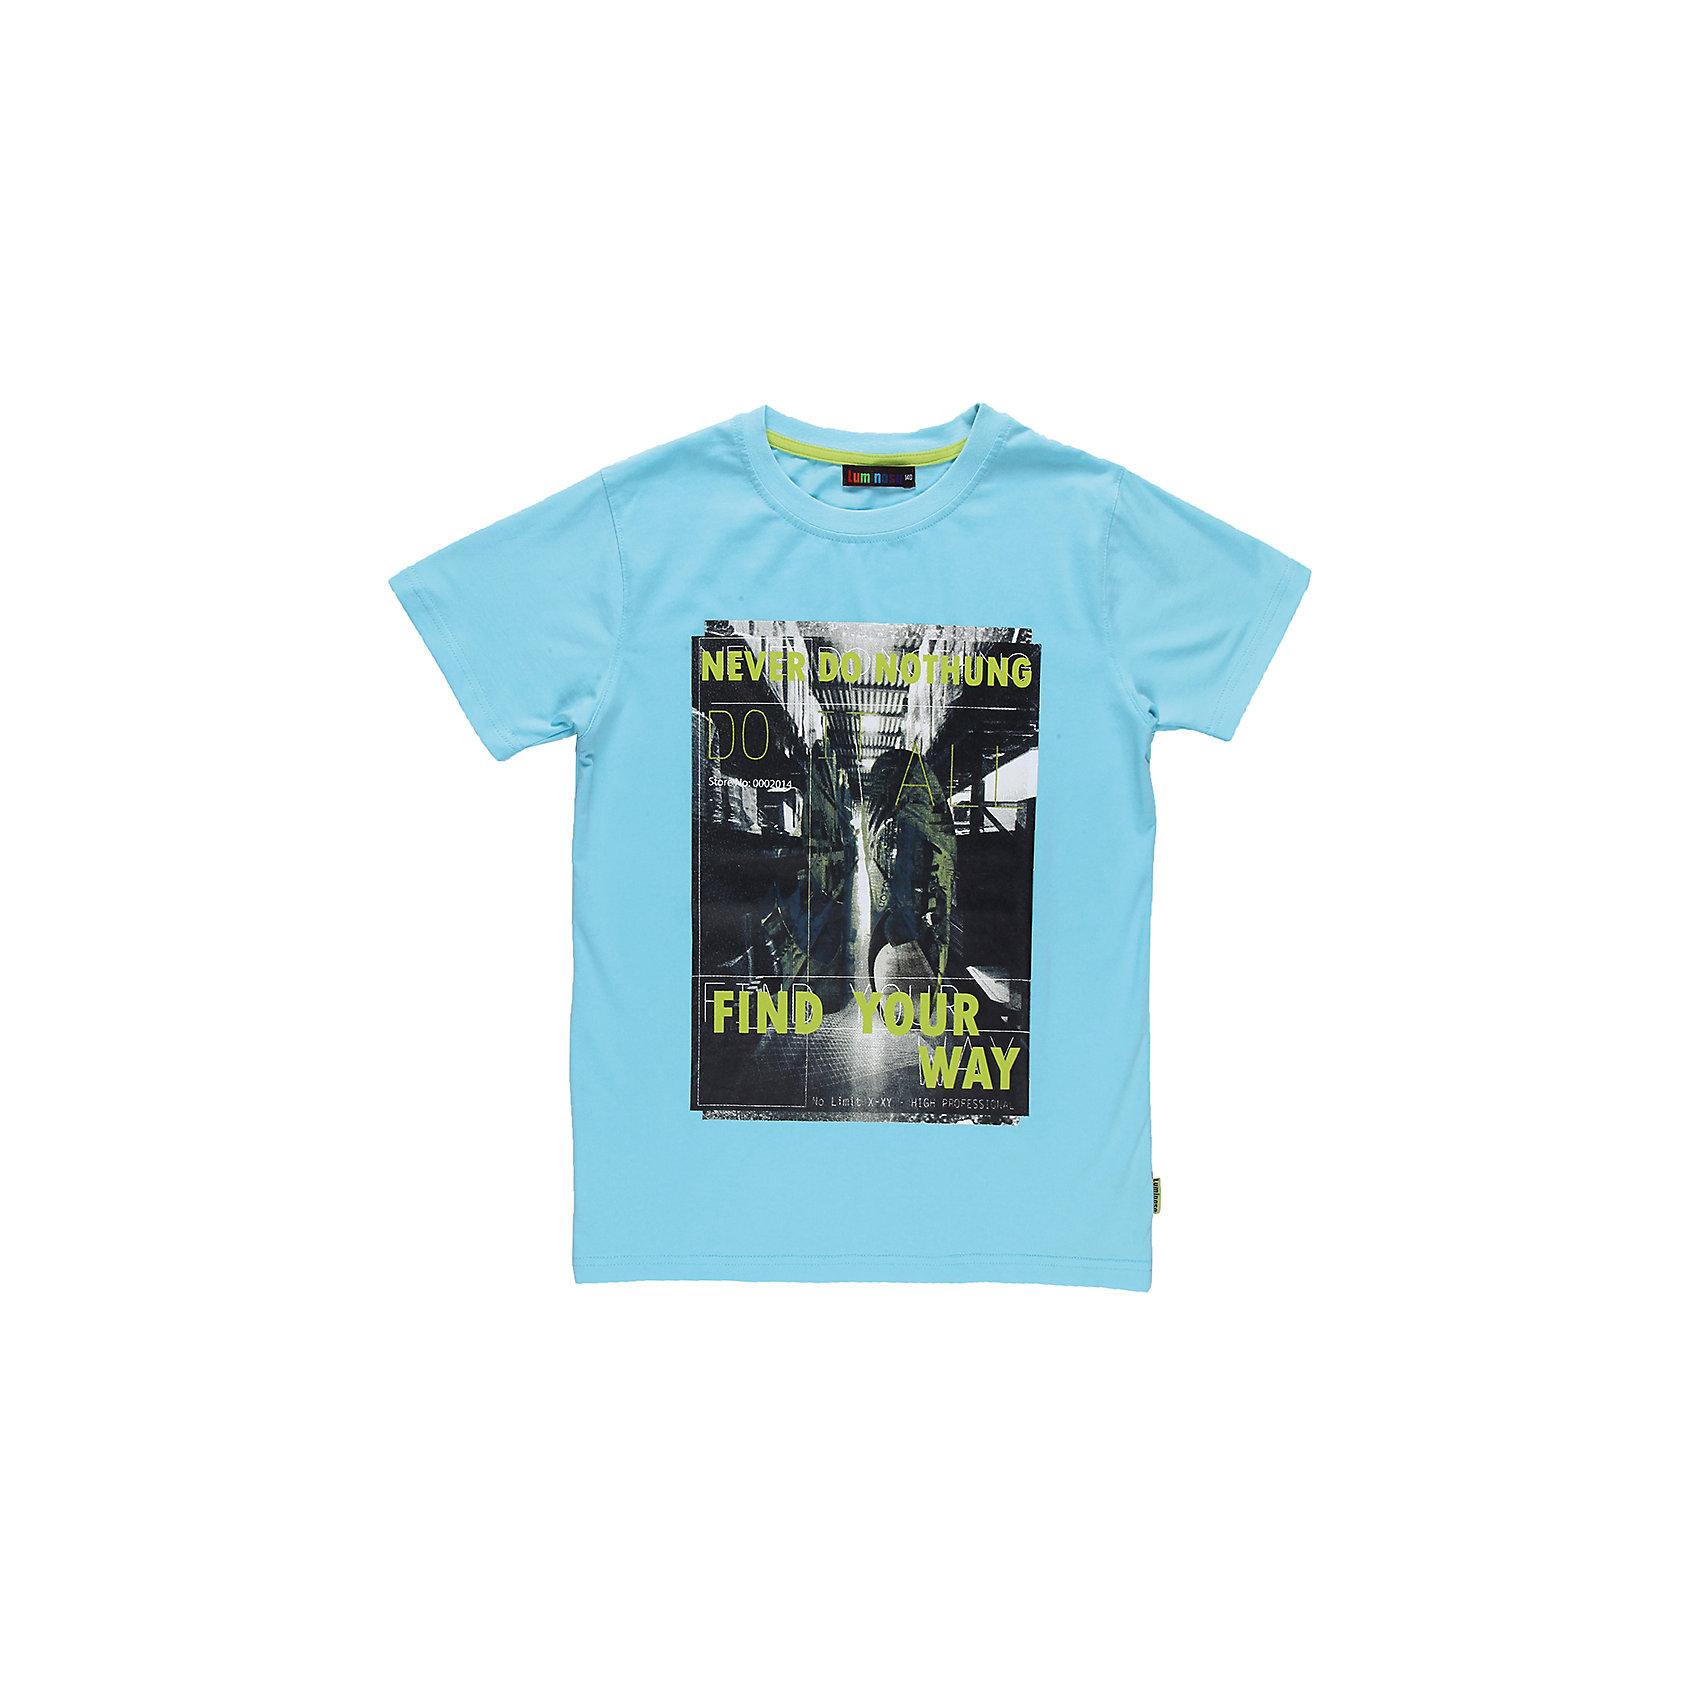 Футболка для мальчика LuminosoЯркая футболка для мальчика. Горловина из эластичной трикотажной резинки контрастного цвета. Футболка украшена ярким принтом.<br>Состав:<br>95% хлопок 5% эластан<br><br>Ширина мм: 199<br>Глубина мм: 10<br>Высота мм: 161<br>Вес г: 151<br>Цвет: голубой<br>Возраст от месяцев: 96<br>Возраст до месяцев: 108<br>Пол: Мужской<br>Возраст: Детский<br>Размер: 134,158,152,146,164,140<br>SKU: 4523230